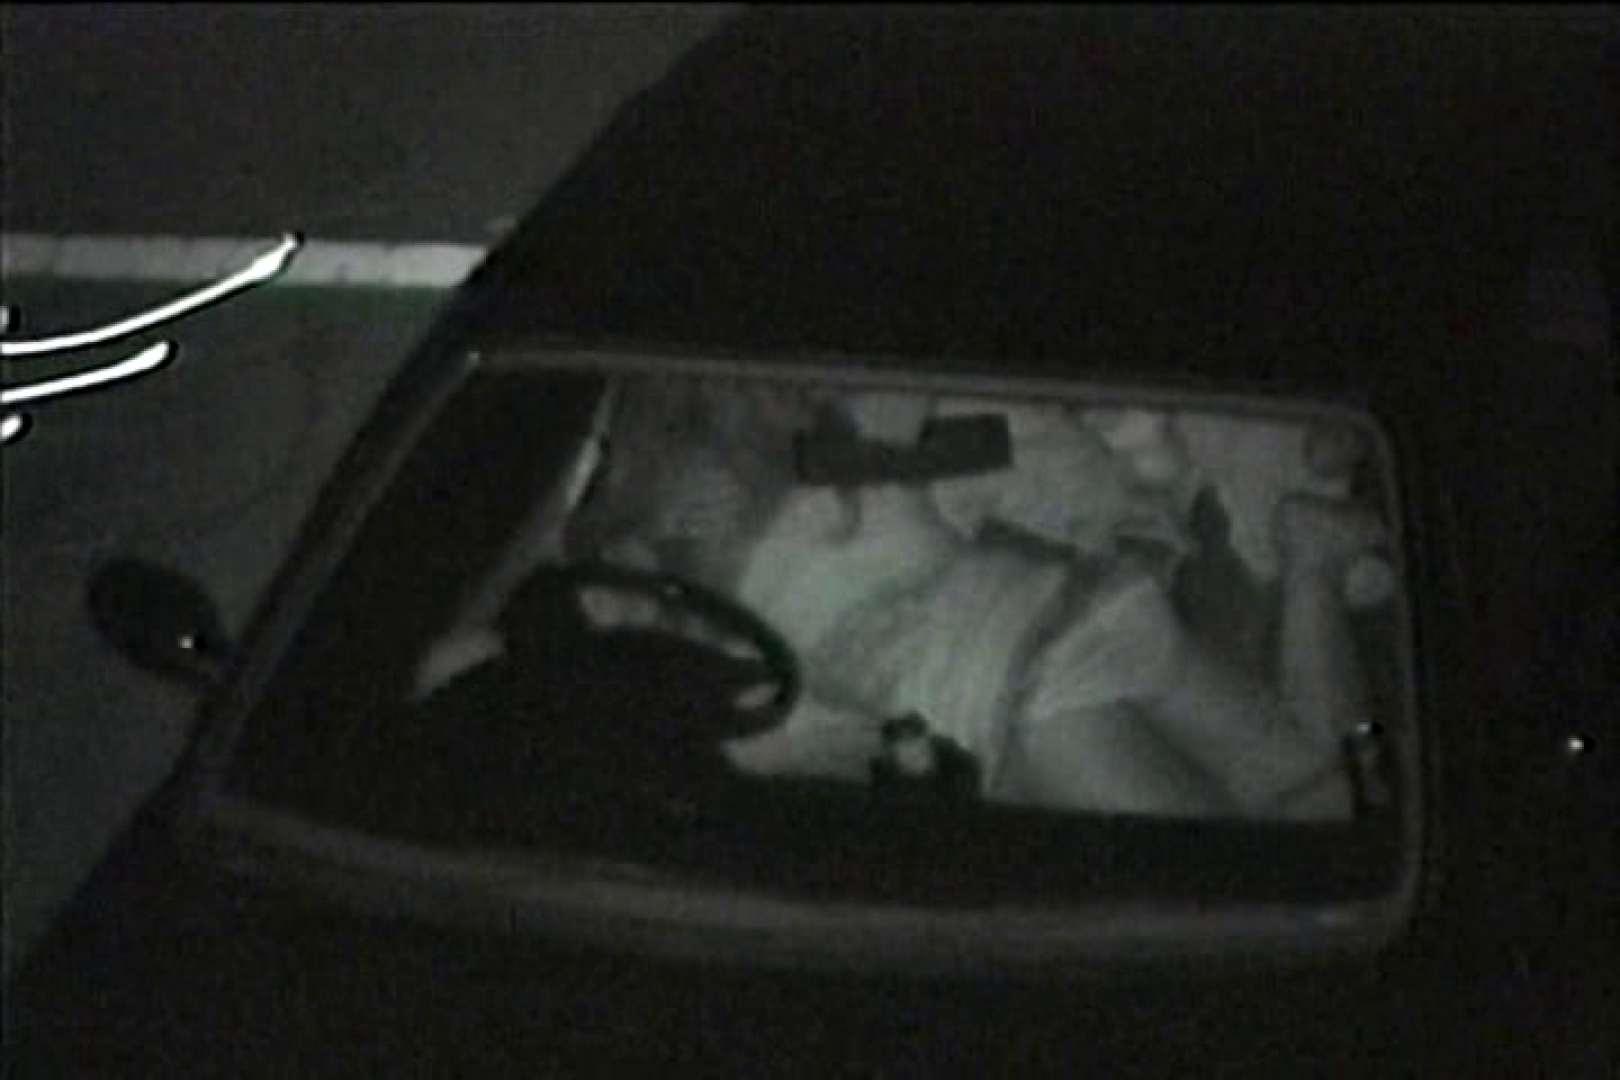 車の中はラブホテル 無修正版  Vol.7 感じるセックス のぞき動画画像 60連発 52